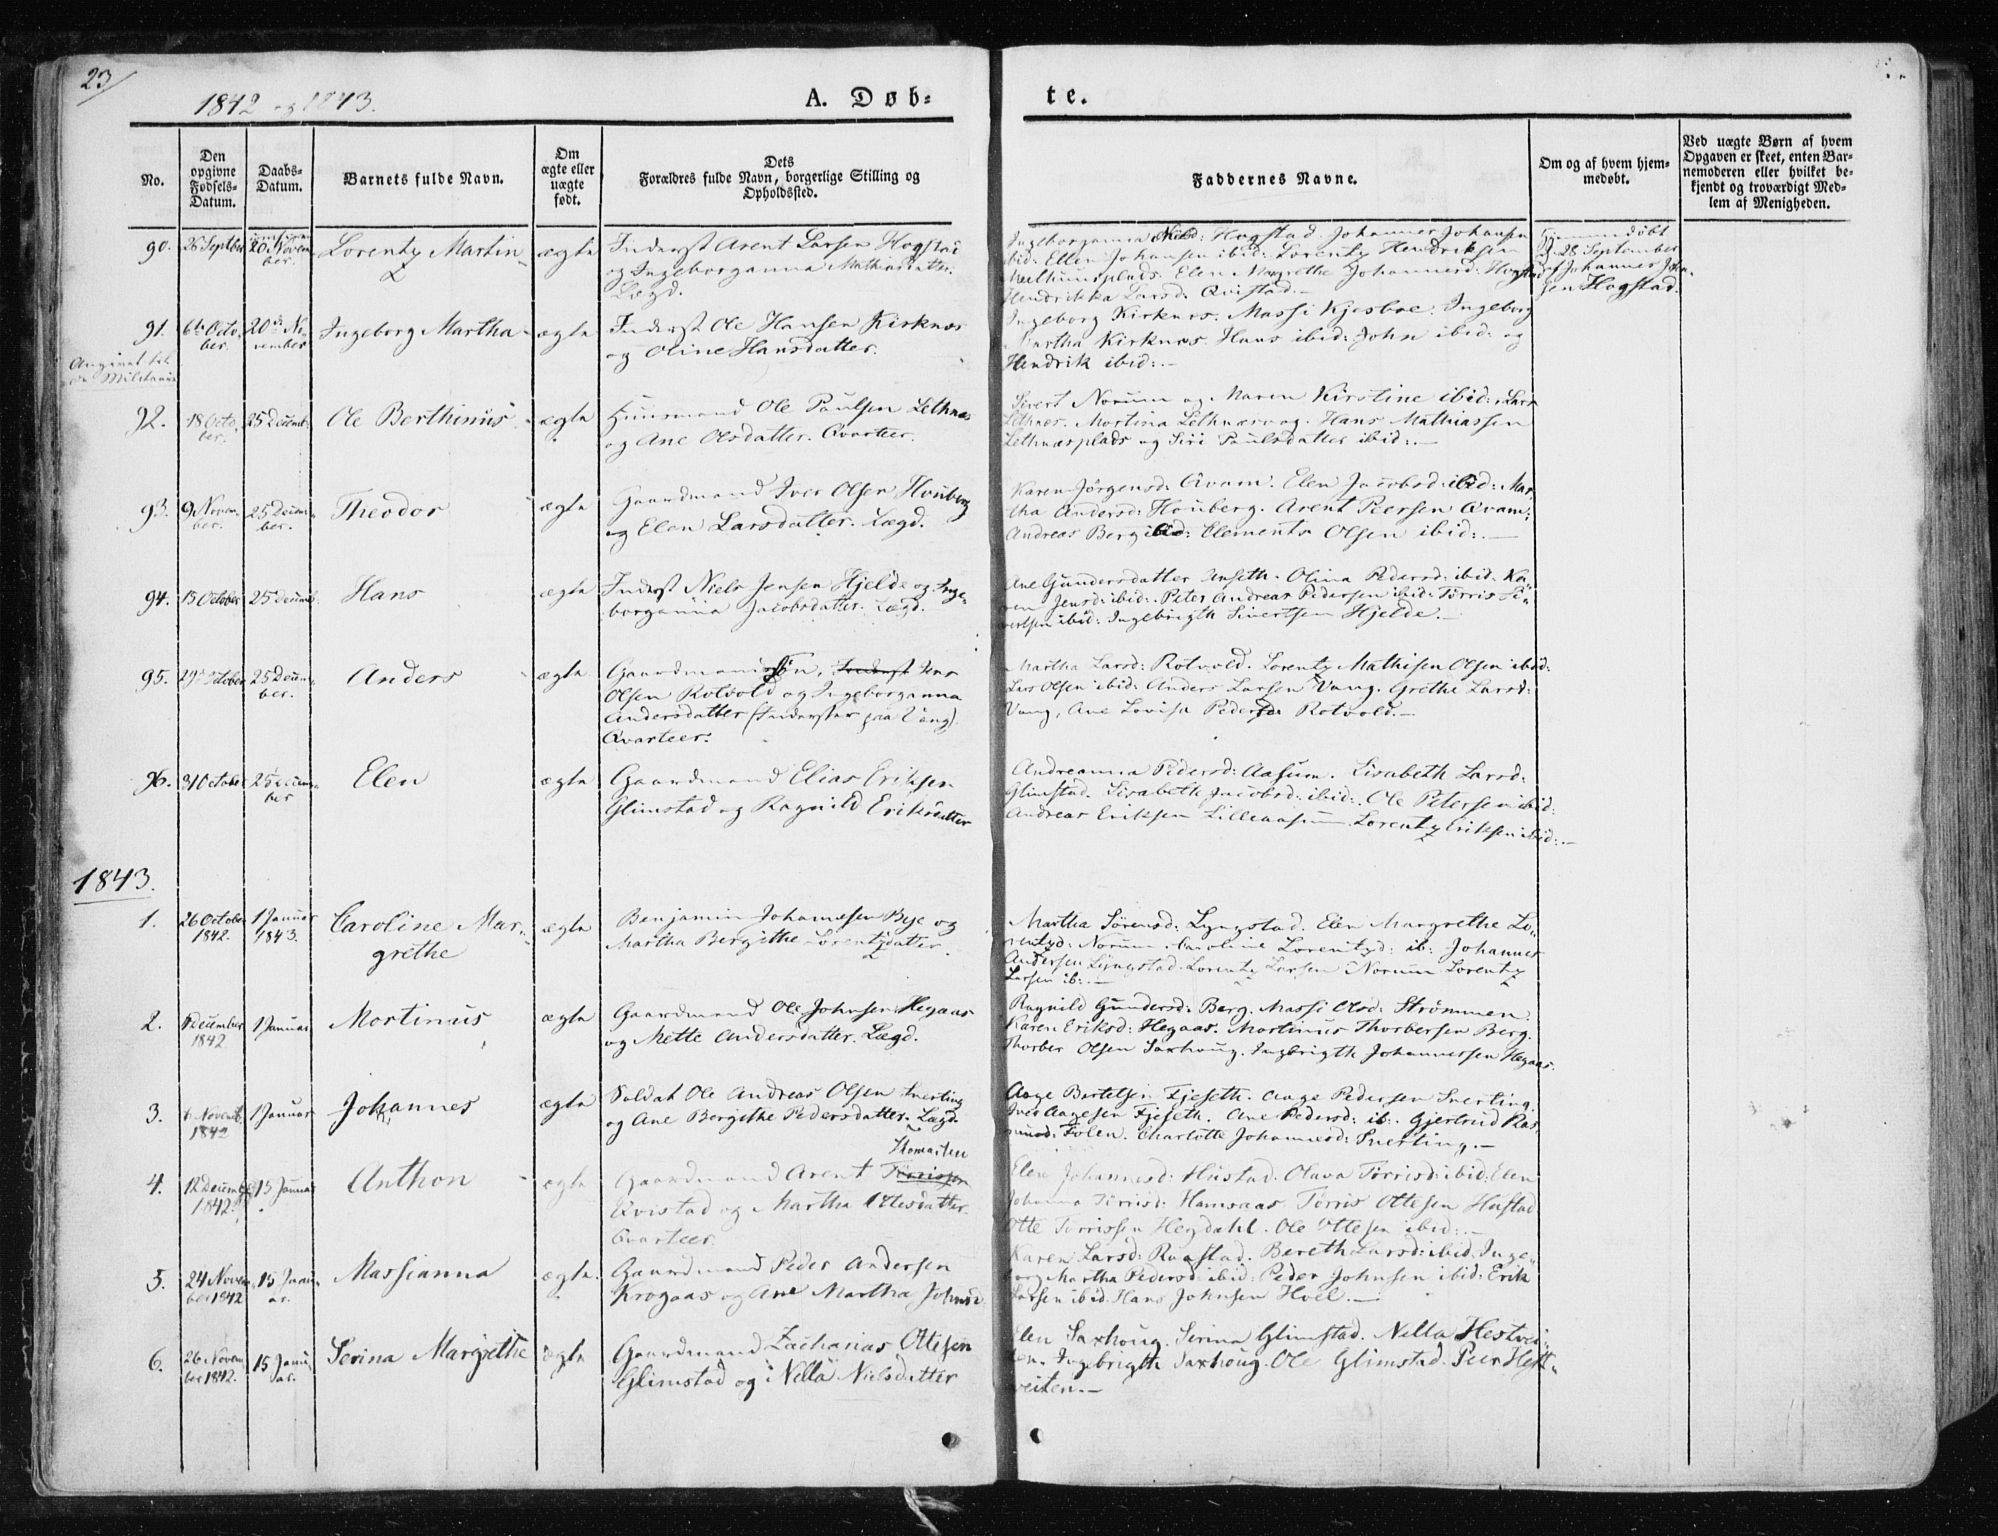 SAT, Ministerialprotokoller, klokkerbøker og fødselsregistre - Nord-Trøndelag, 730/L0280: Ministerialbok nr. 730A07 /1, 1840-1854, s. 23